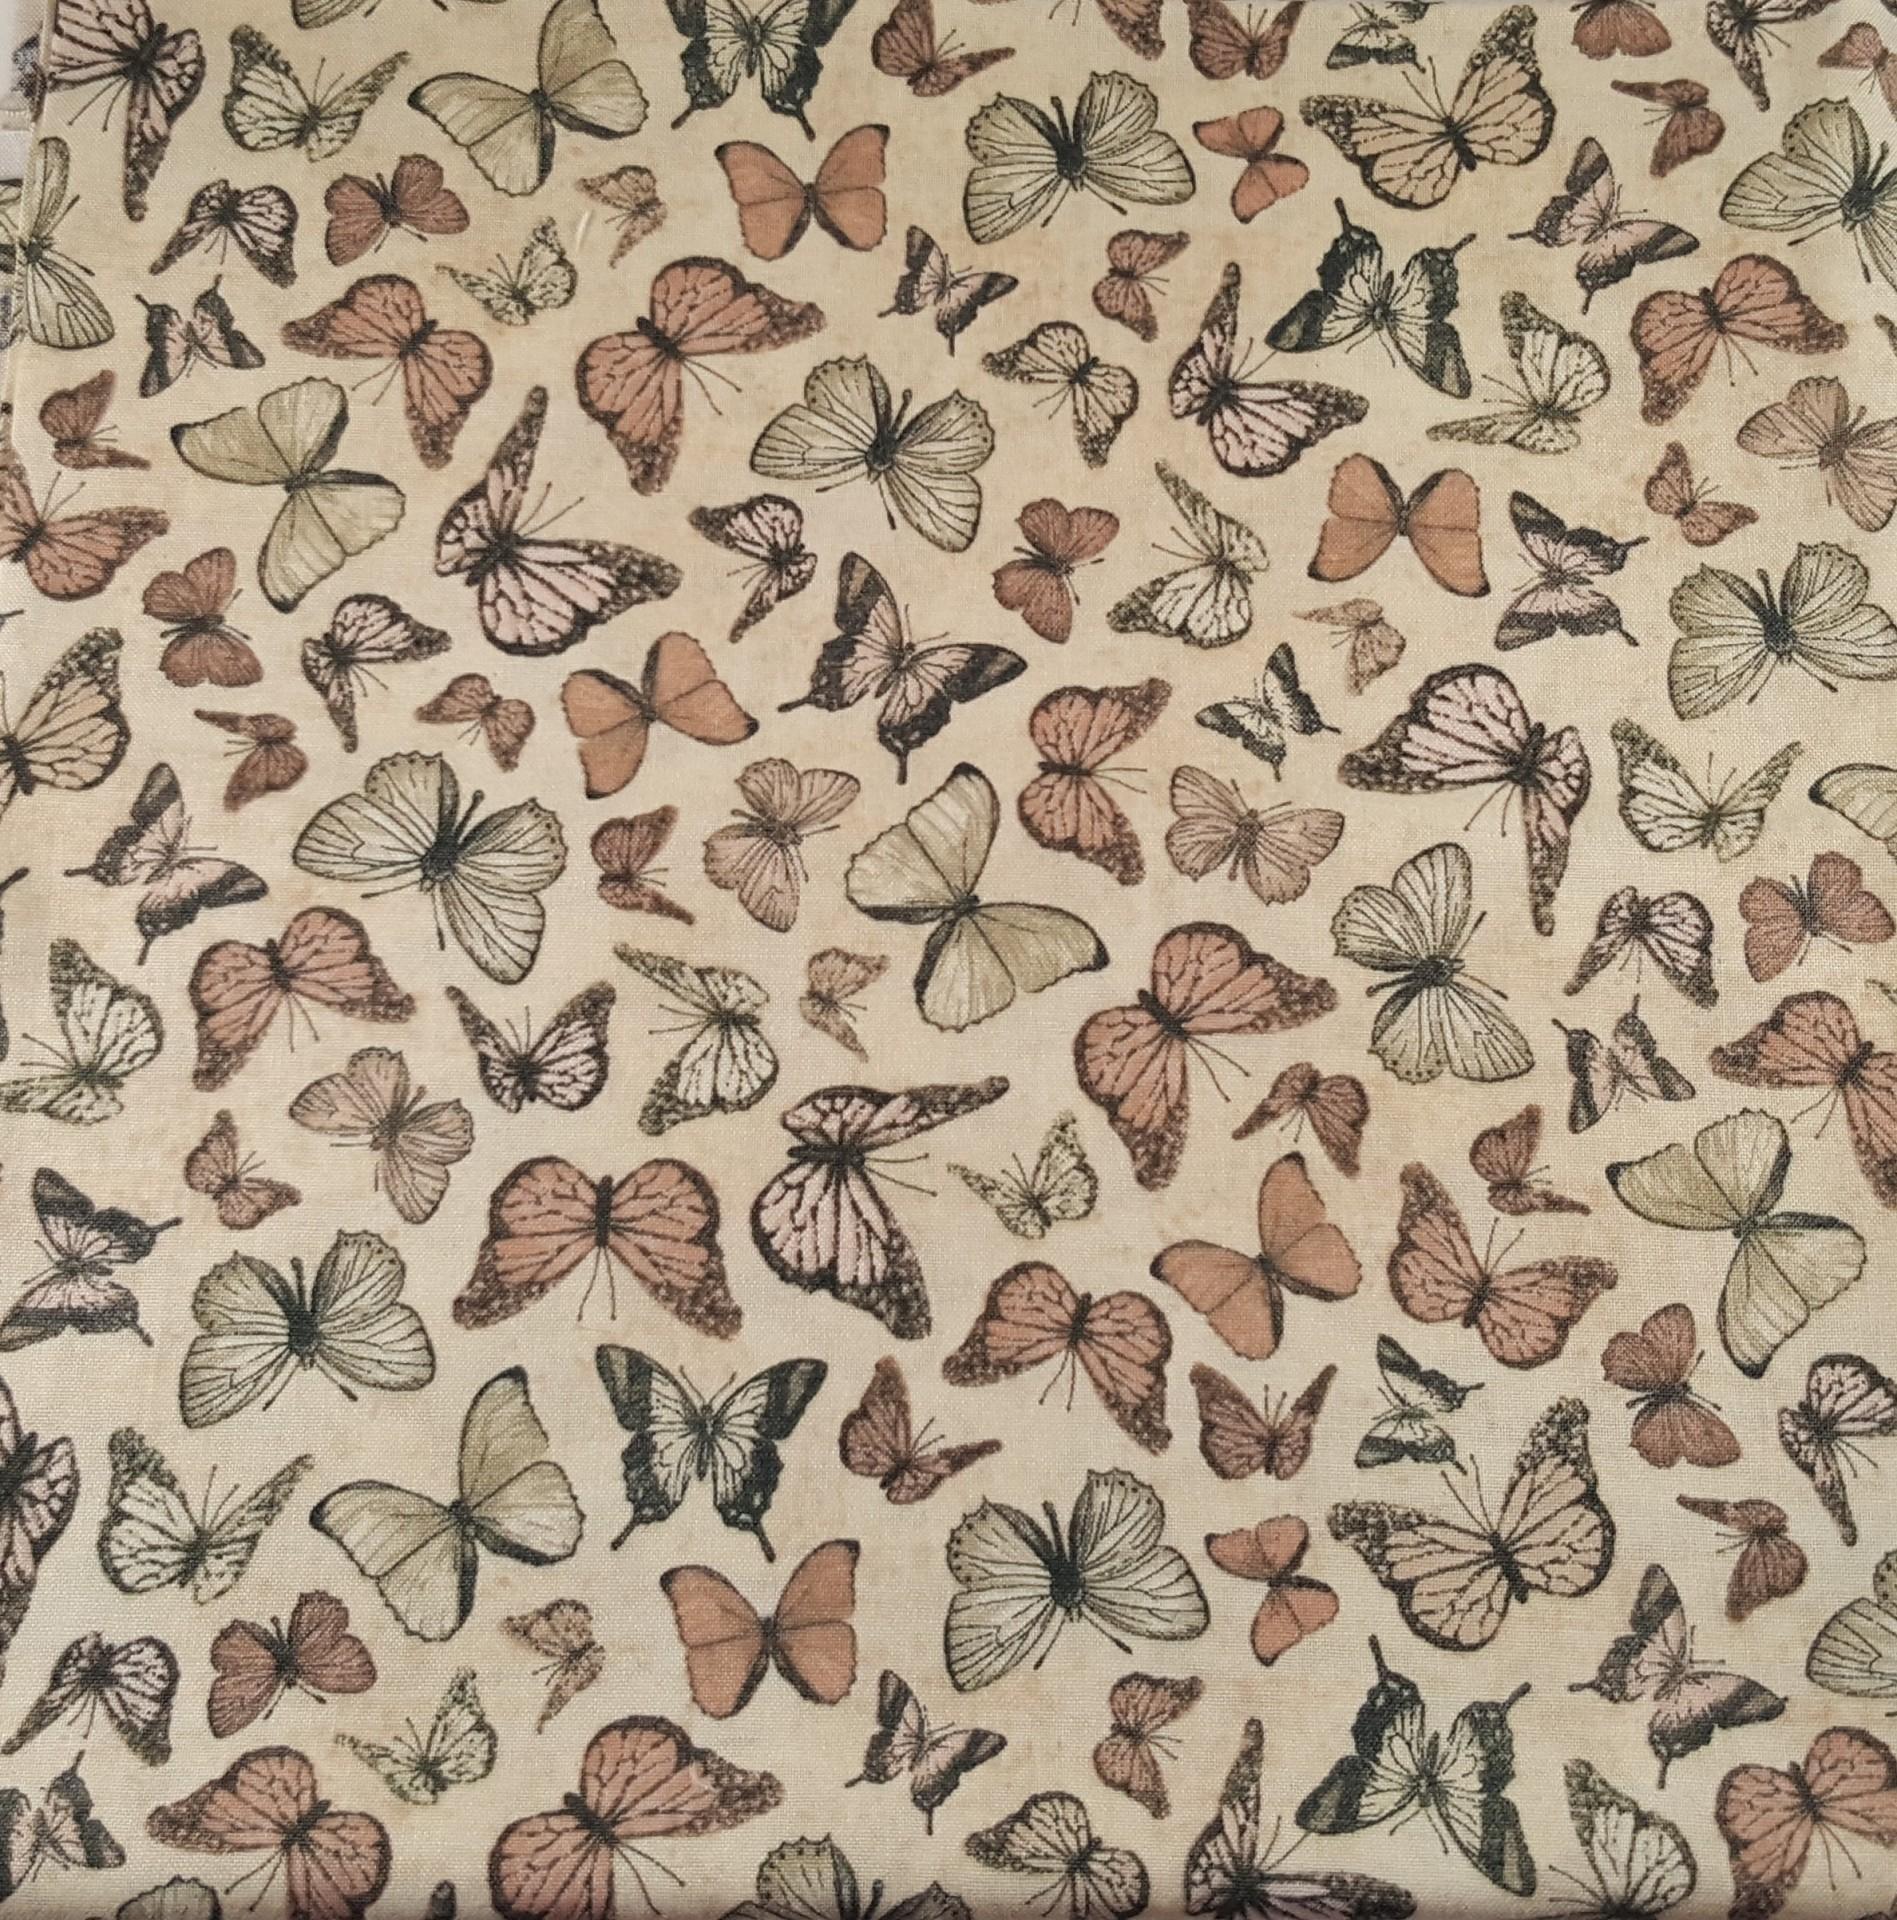 Tecido de algodão estampado-borboletas